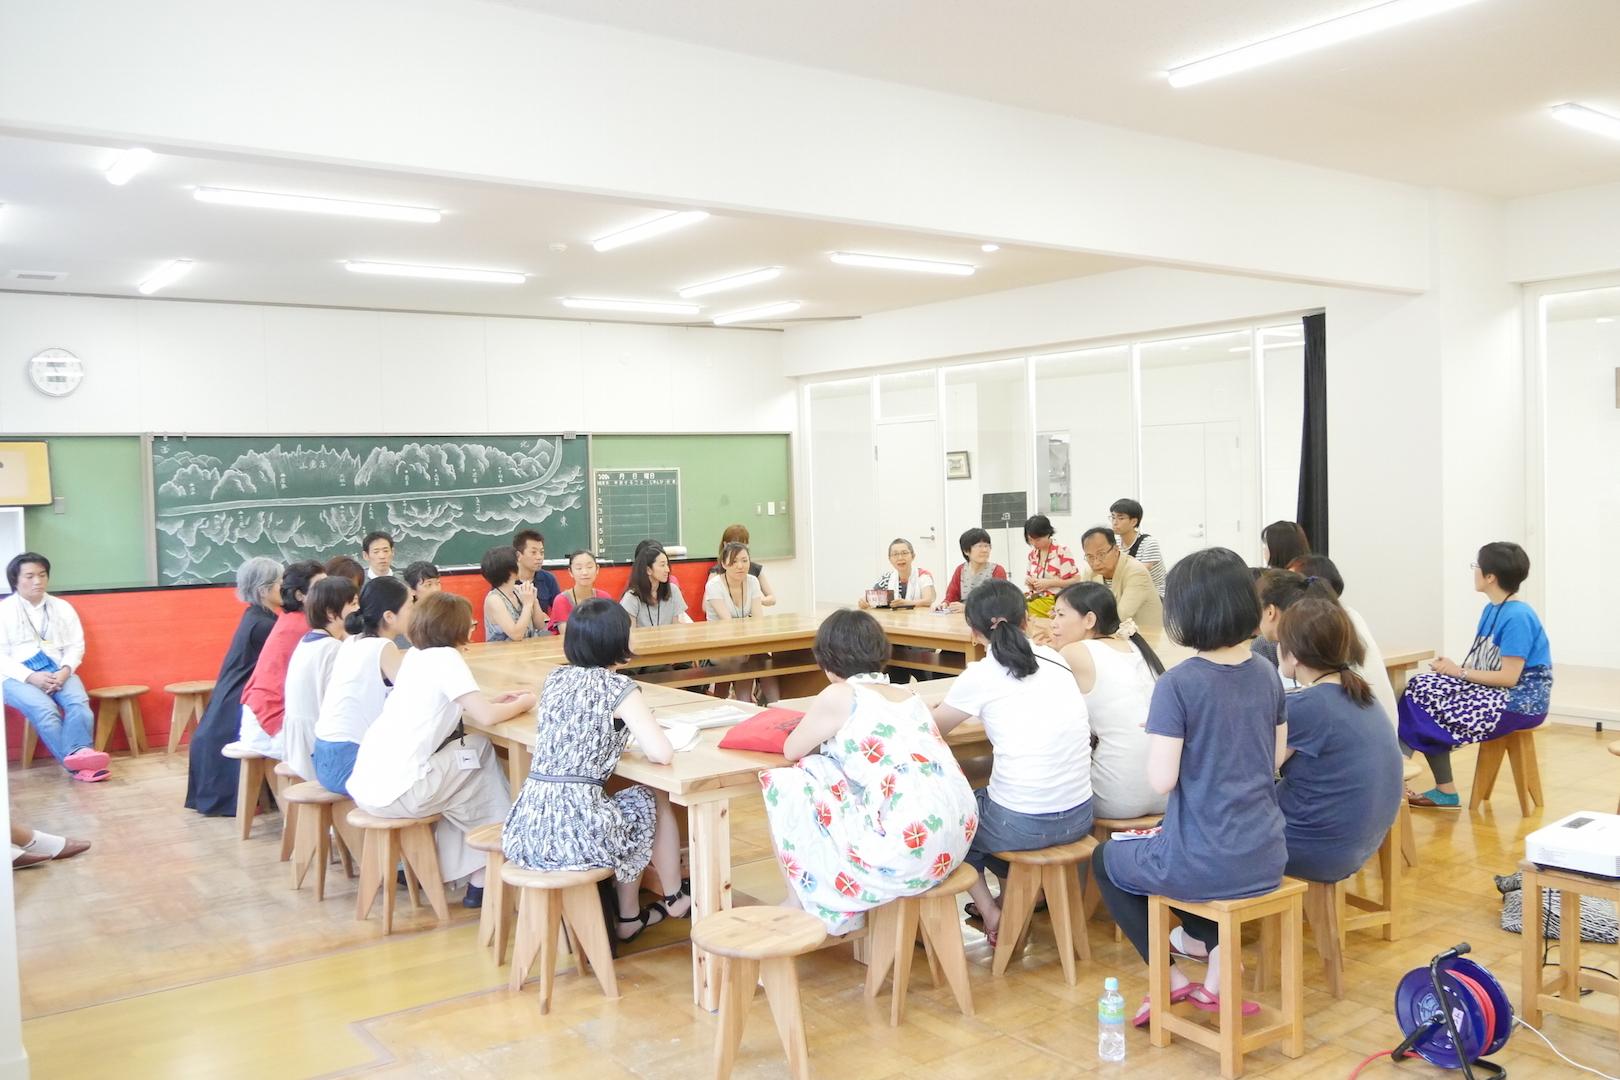 第2回アジア女性舞台芸術会議の様子